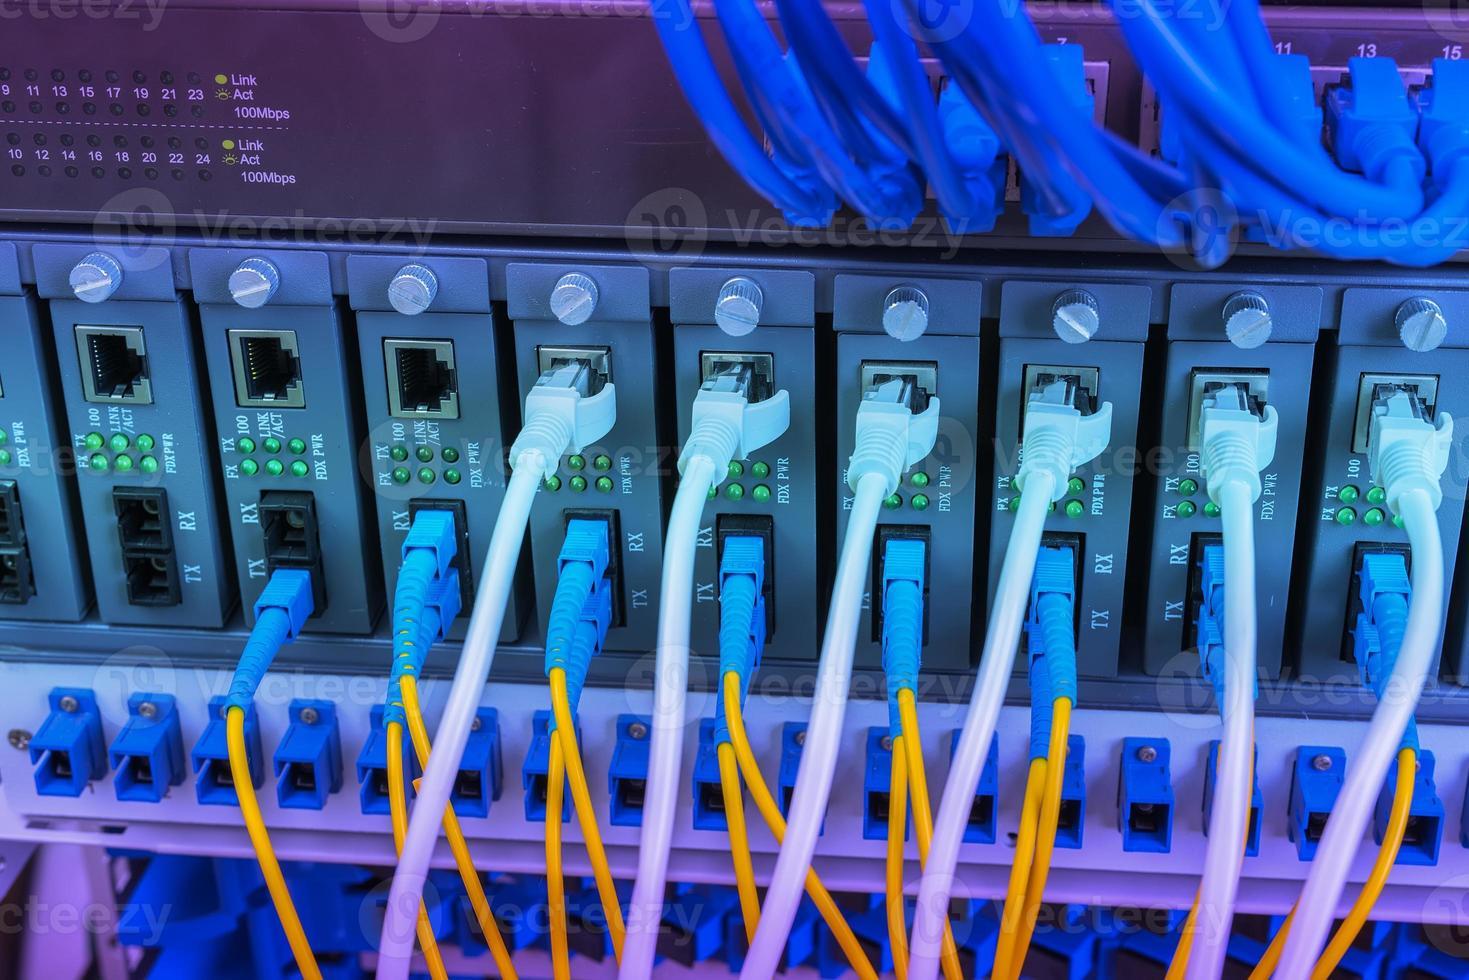 centro tecnológico con equipamiento de fibra óptica foto